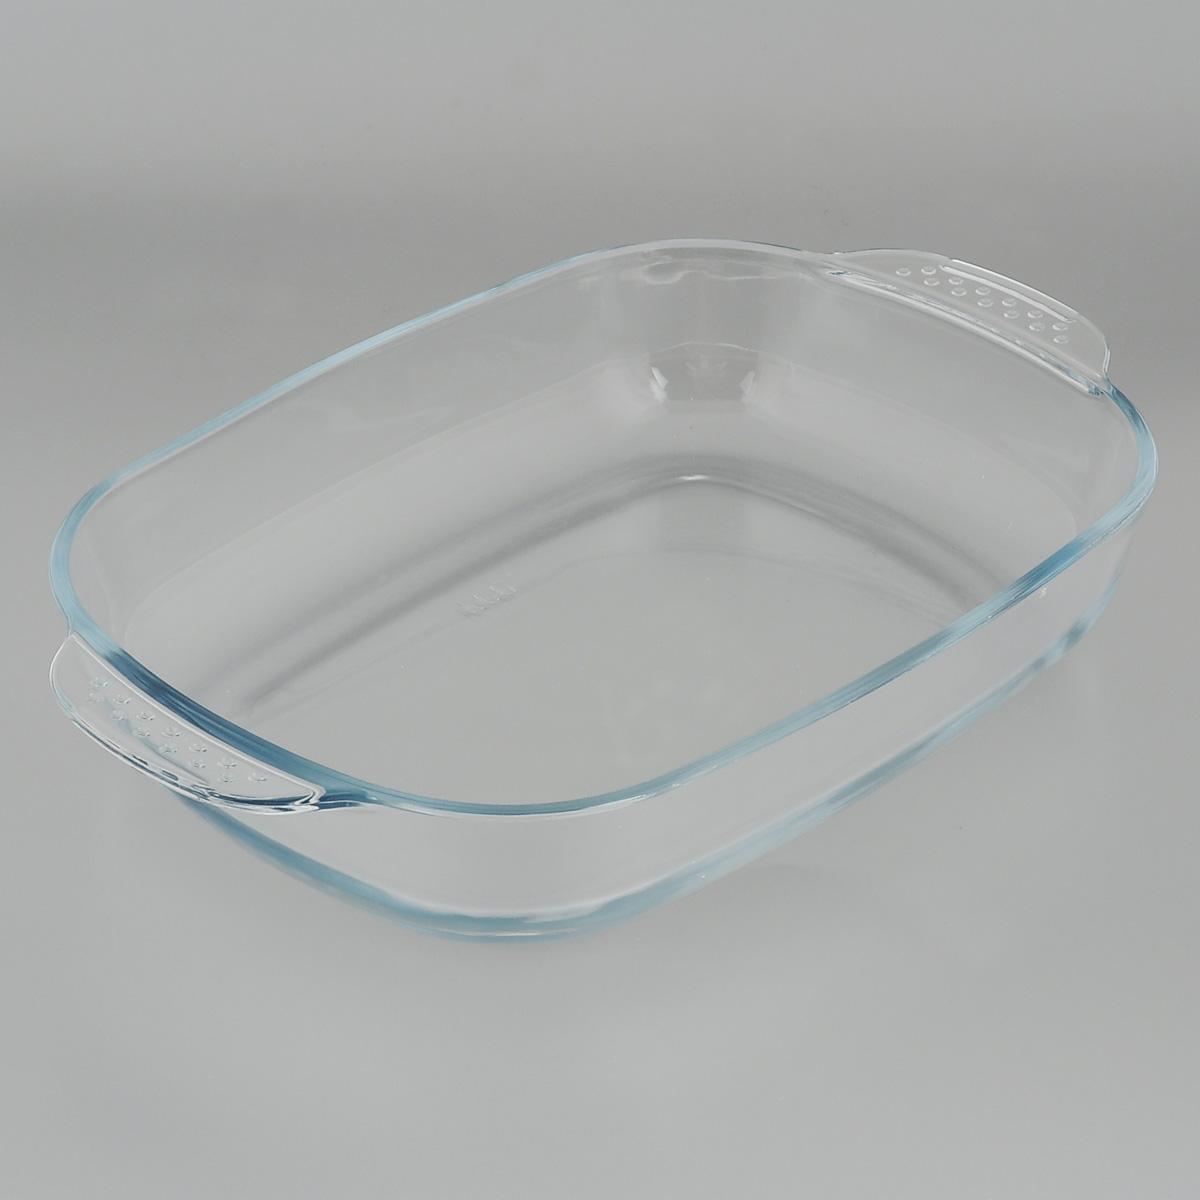 Форма для запекания Mijotex, прямоугольная, 41 см х 26 смPLH4Прямоугольная форма для запекания Mijotex изготовлена из жаропрочного стекла, которое выдерживает температуру до +450°С. Форма предназначена для приготовления горячих блюд. Оснащена двумя ручками. Материал изделия гигиеничен, прост в уходе и обладает высокой степенью прочности. Форма идеально подходит для использования в духовках, микроволновых печах, холодильниках и морозильных камерах. Также ее можно использовать на газовых плитах (на слабом огне) и на электроплитах. Можно мыть в посудомоечной машине. Внутренний размер формы: 35,5 см х 26 см. Внешний размер формы (с учетом ручек): 41 см х 26 см. Высота стенки формы: 6 см.